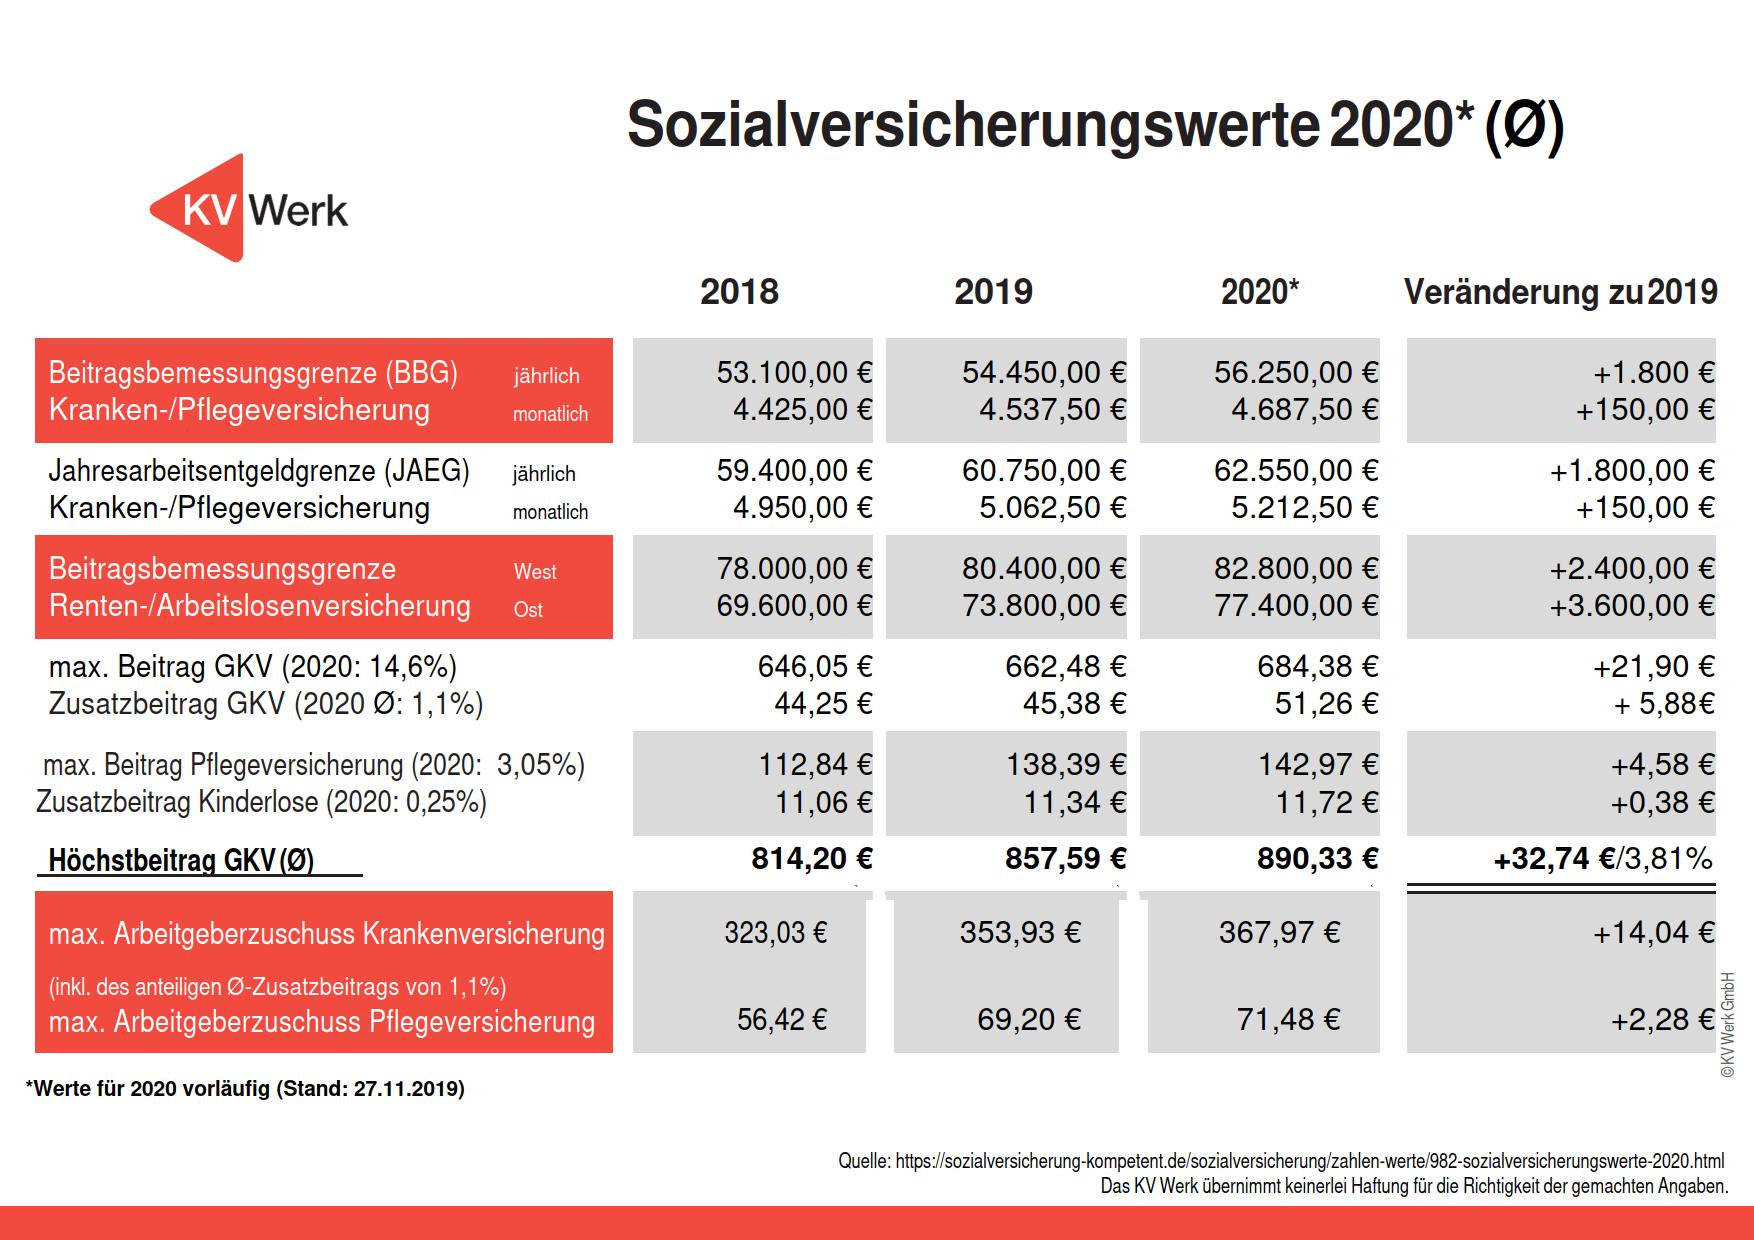 Änderungen der Sozialversicherungswerte 2020